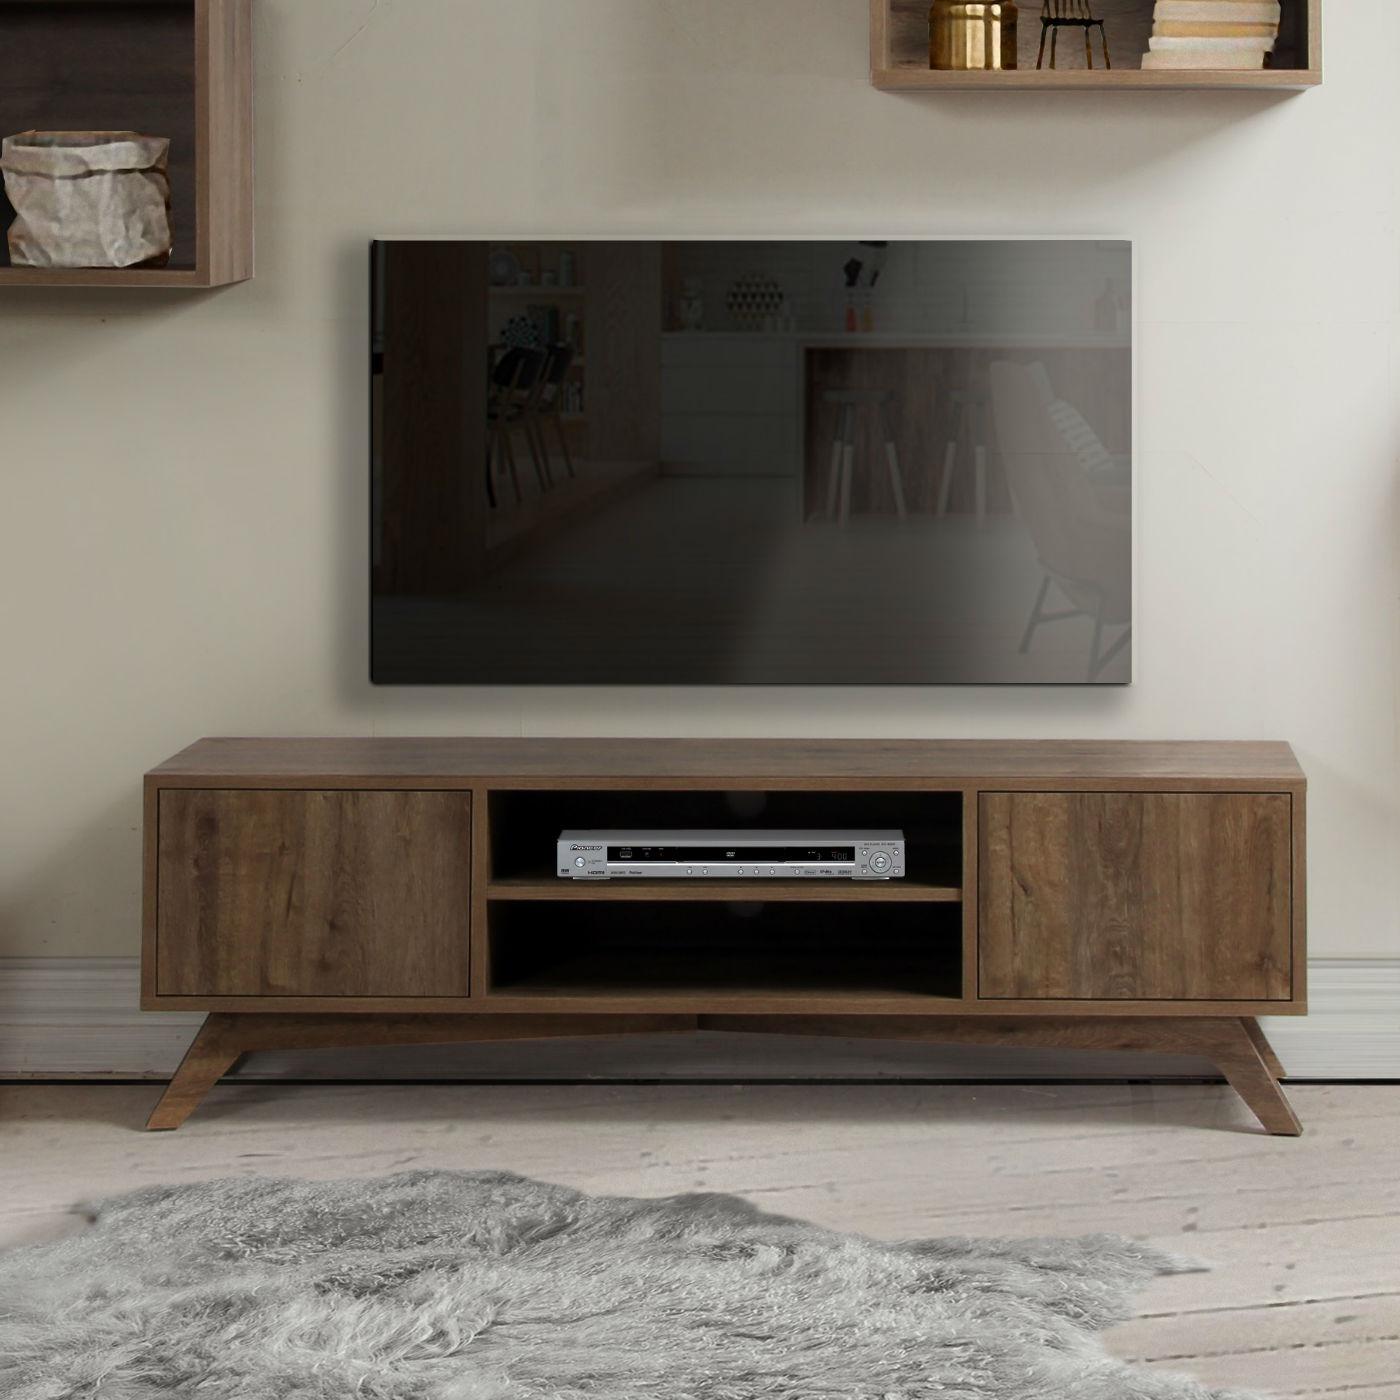 Meuble Tv Design Scandinave - Brin D'Ouest avec Meubles Tv But